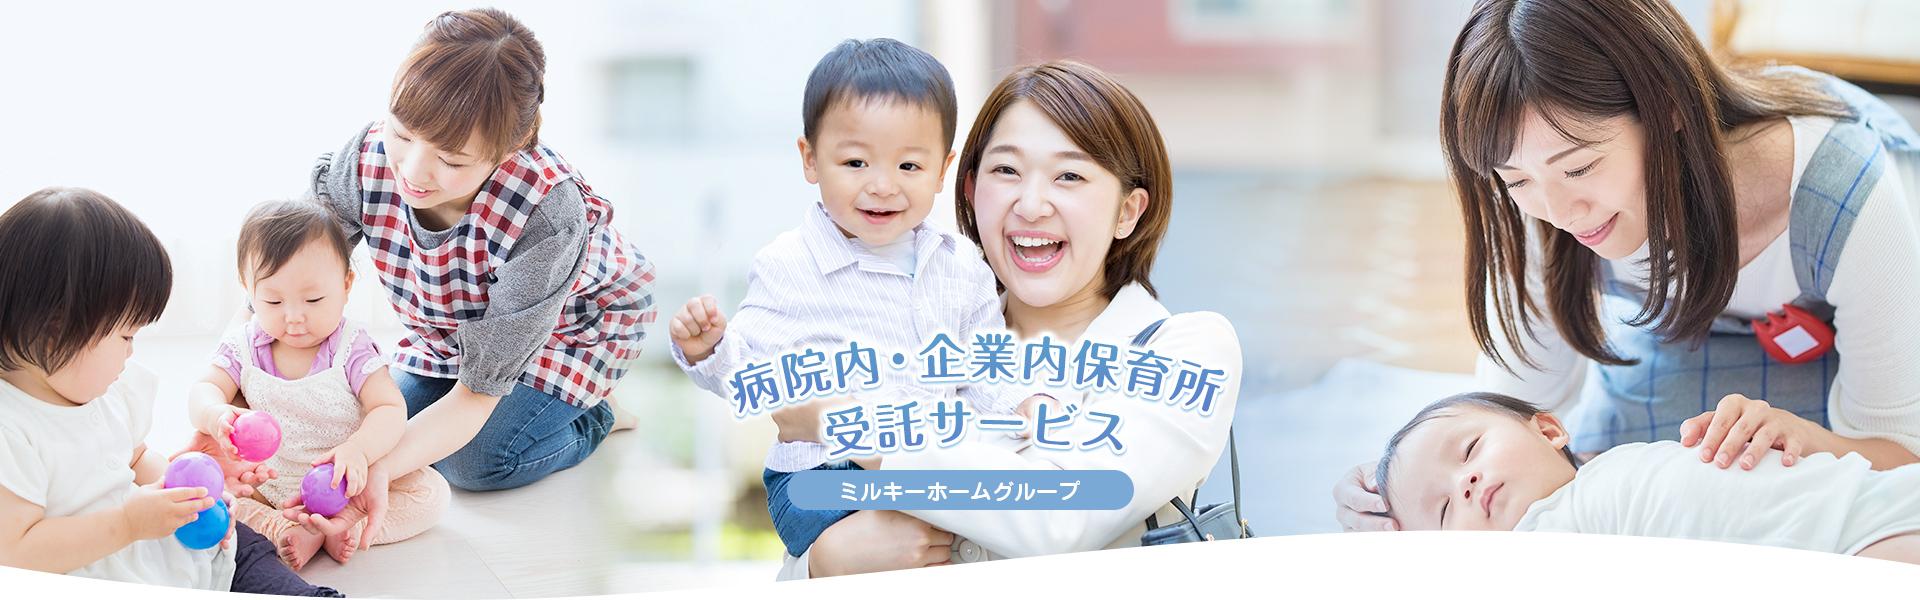 病院内・企業内保育所受託サービス【ミルキーホームグループ】